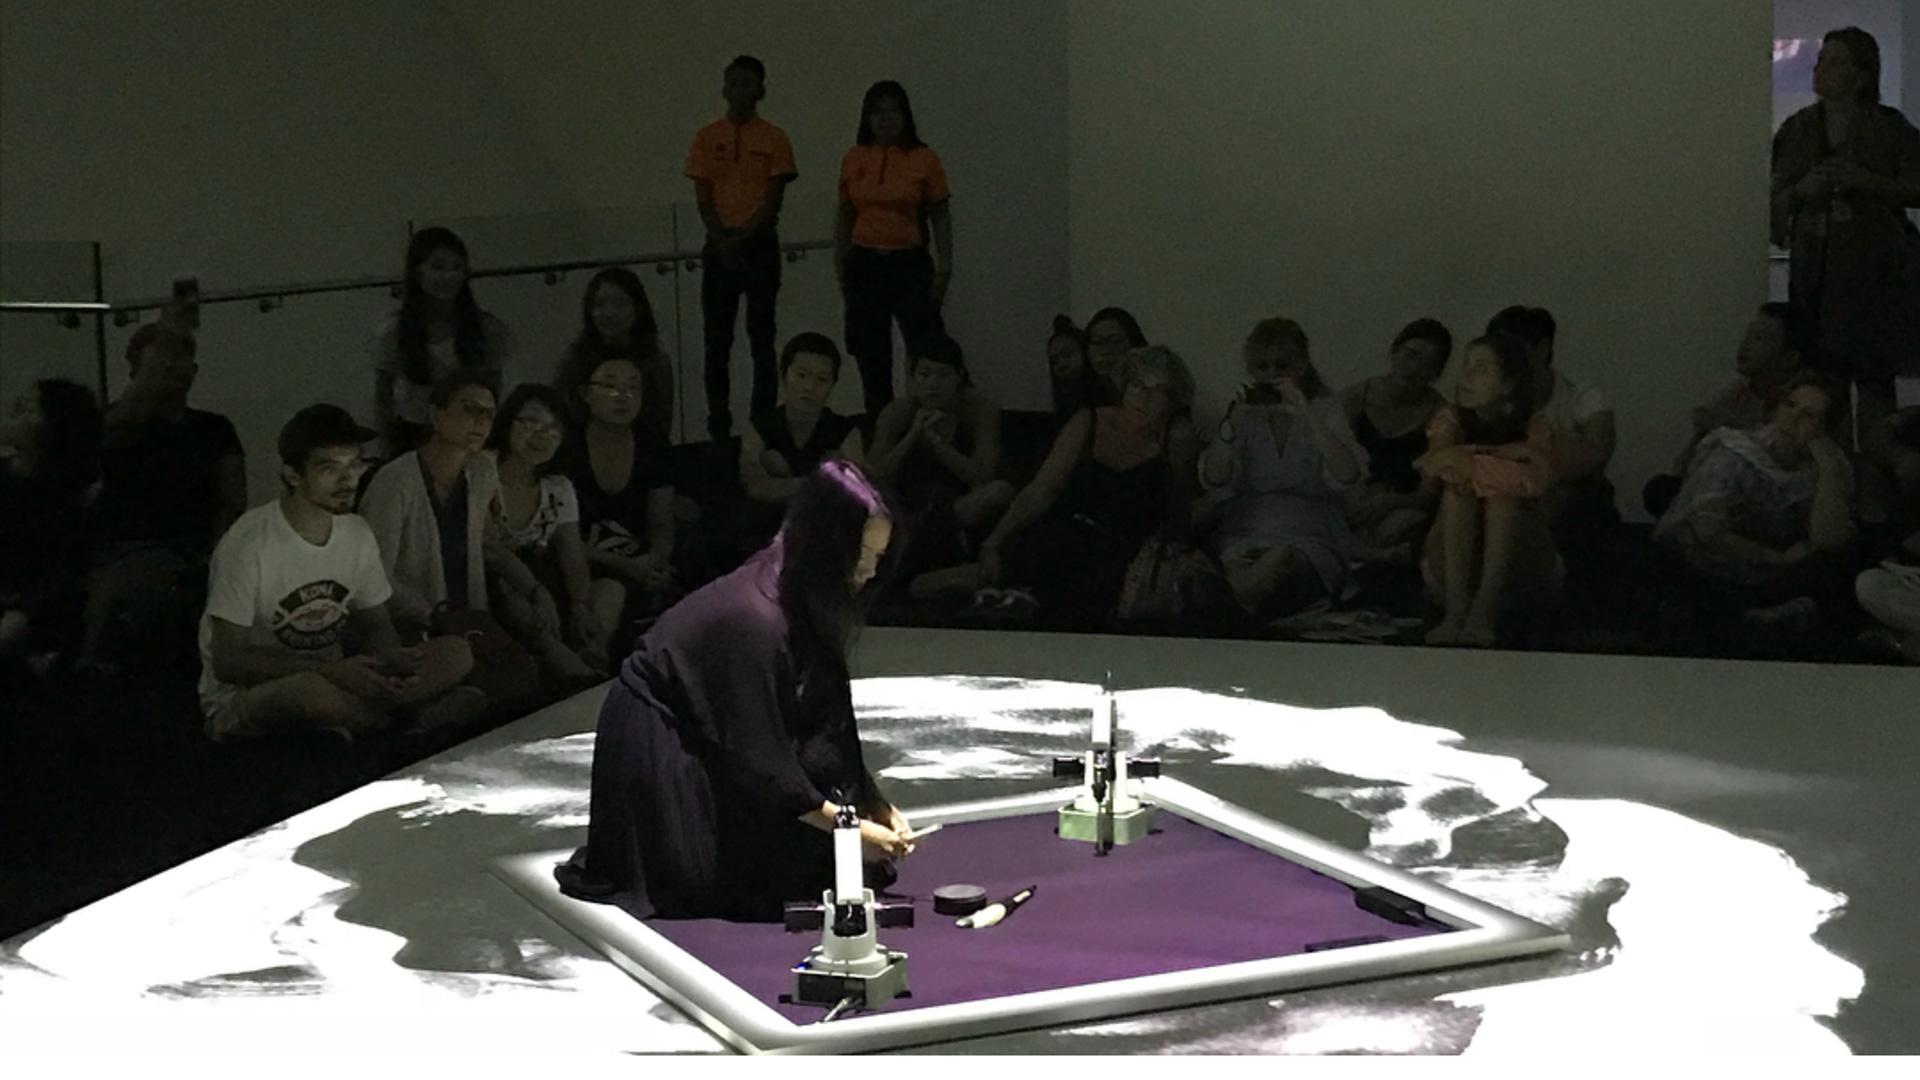 drawingOperation-2018_still3